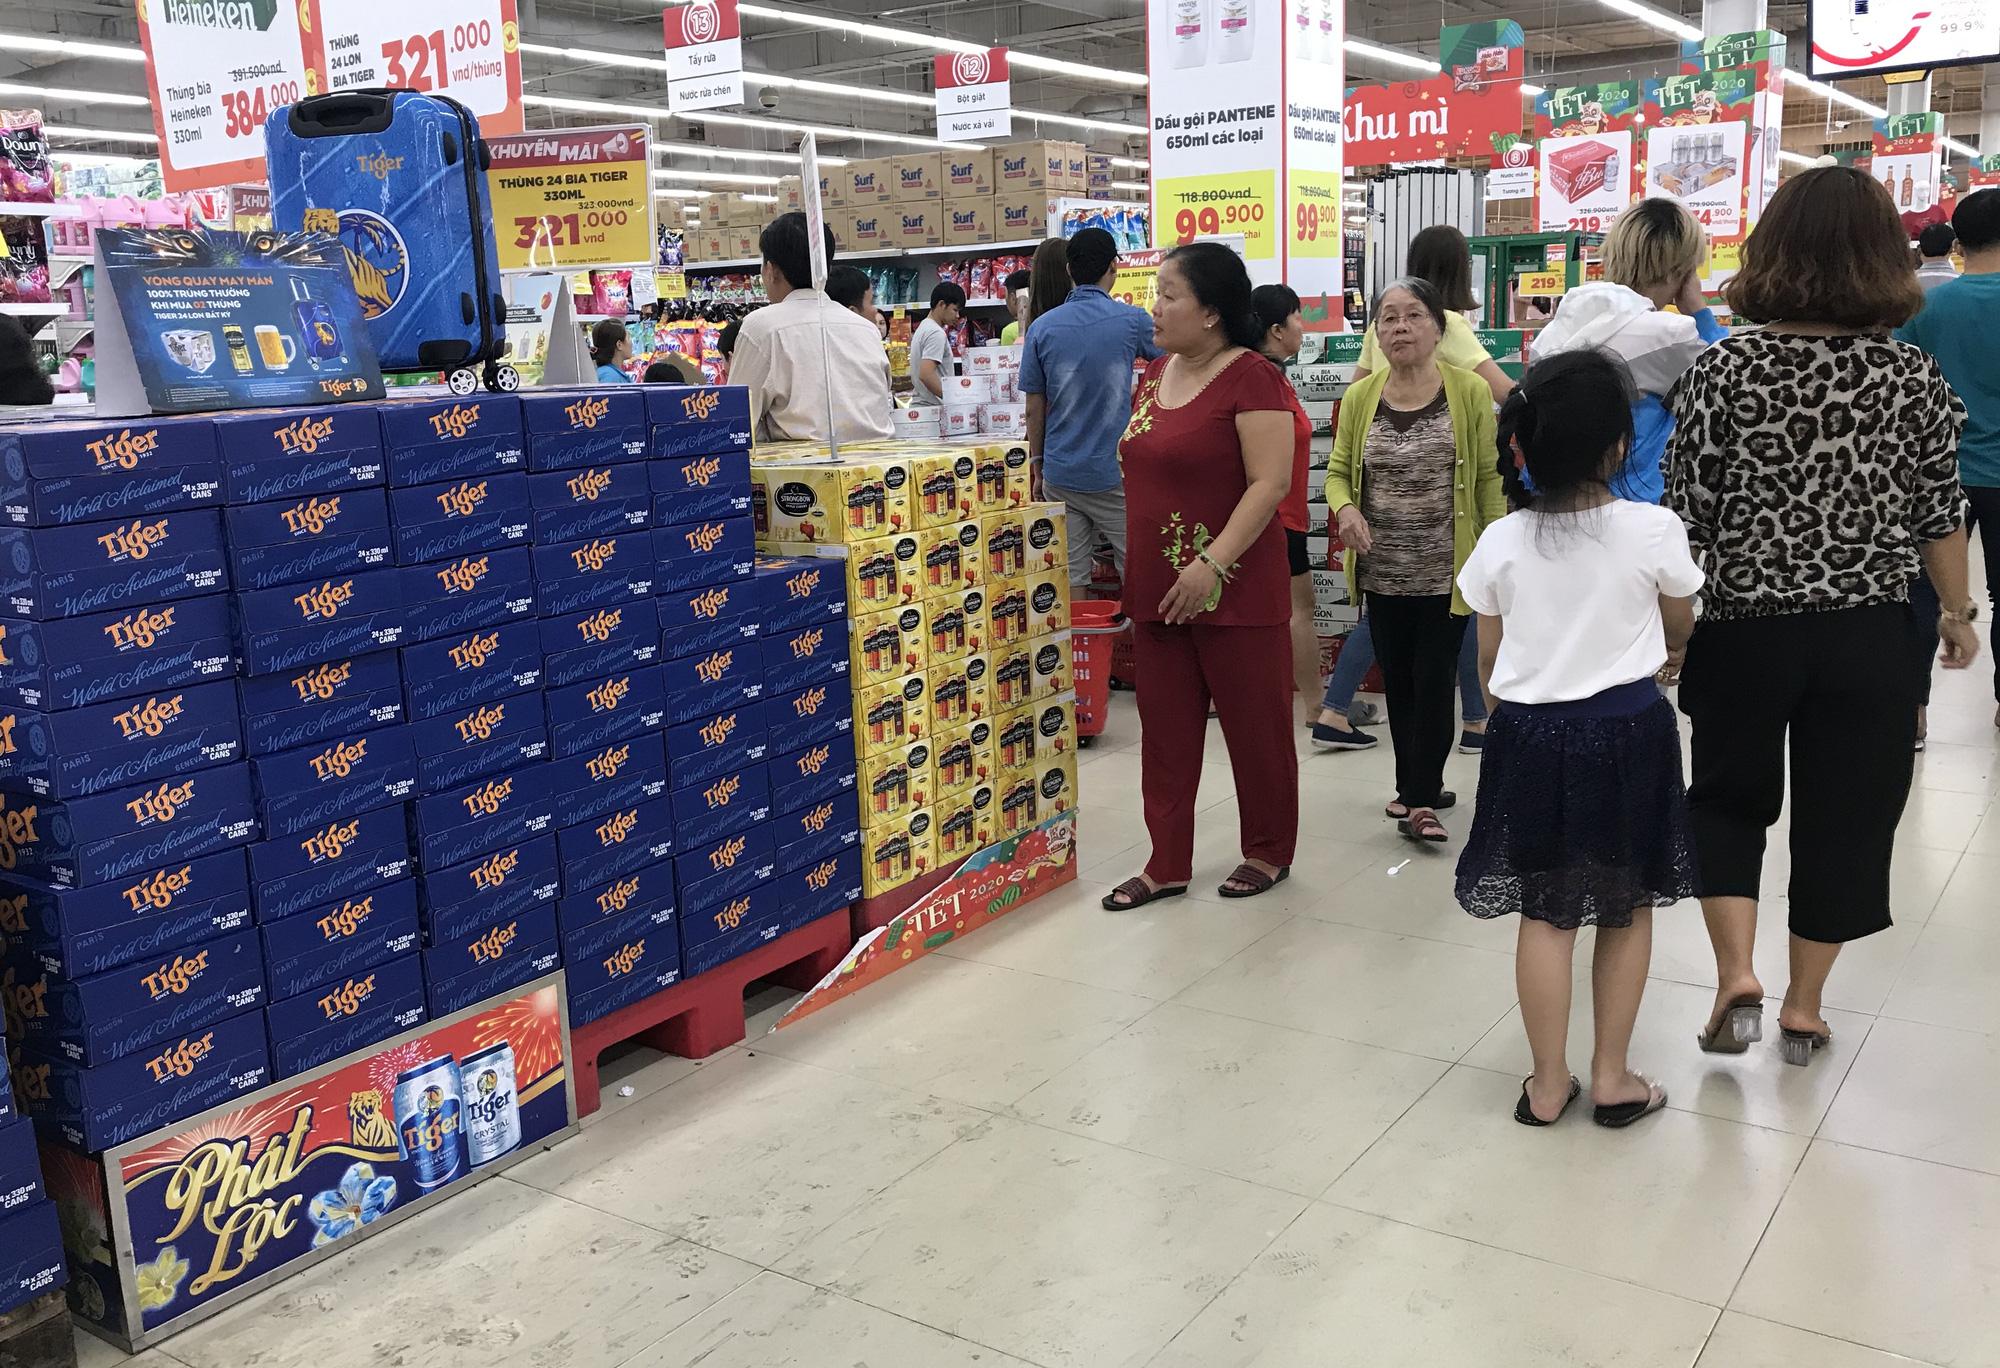 26 Tết, bia tại siêu thị còn ê hề, đại lí giảm giá vì dân nhậu 'ớn' Nghị định 100,  - Ảnh 2.